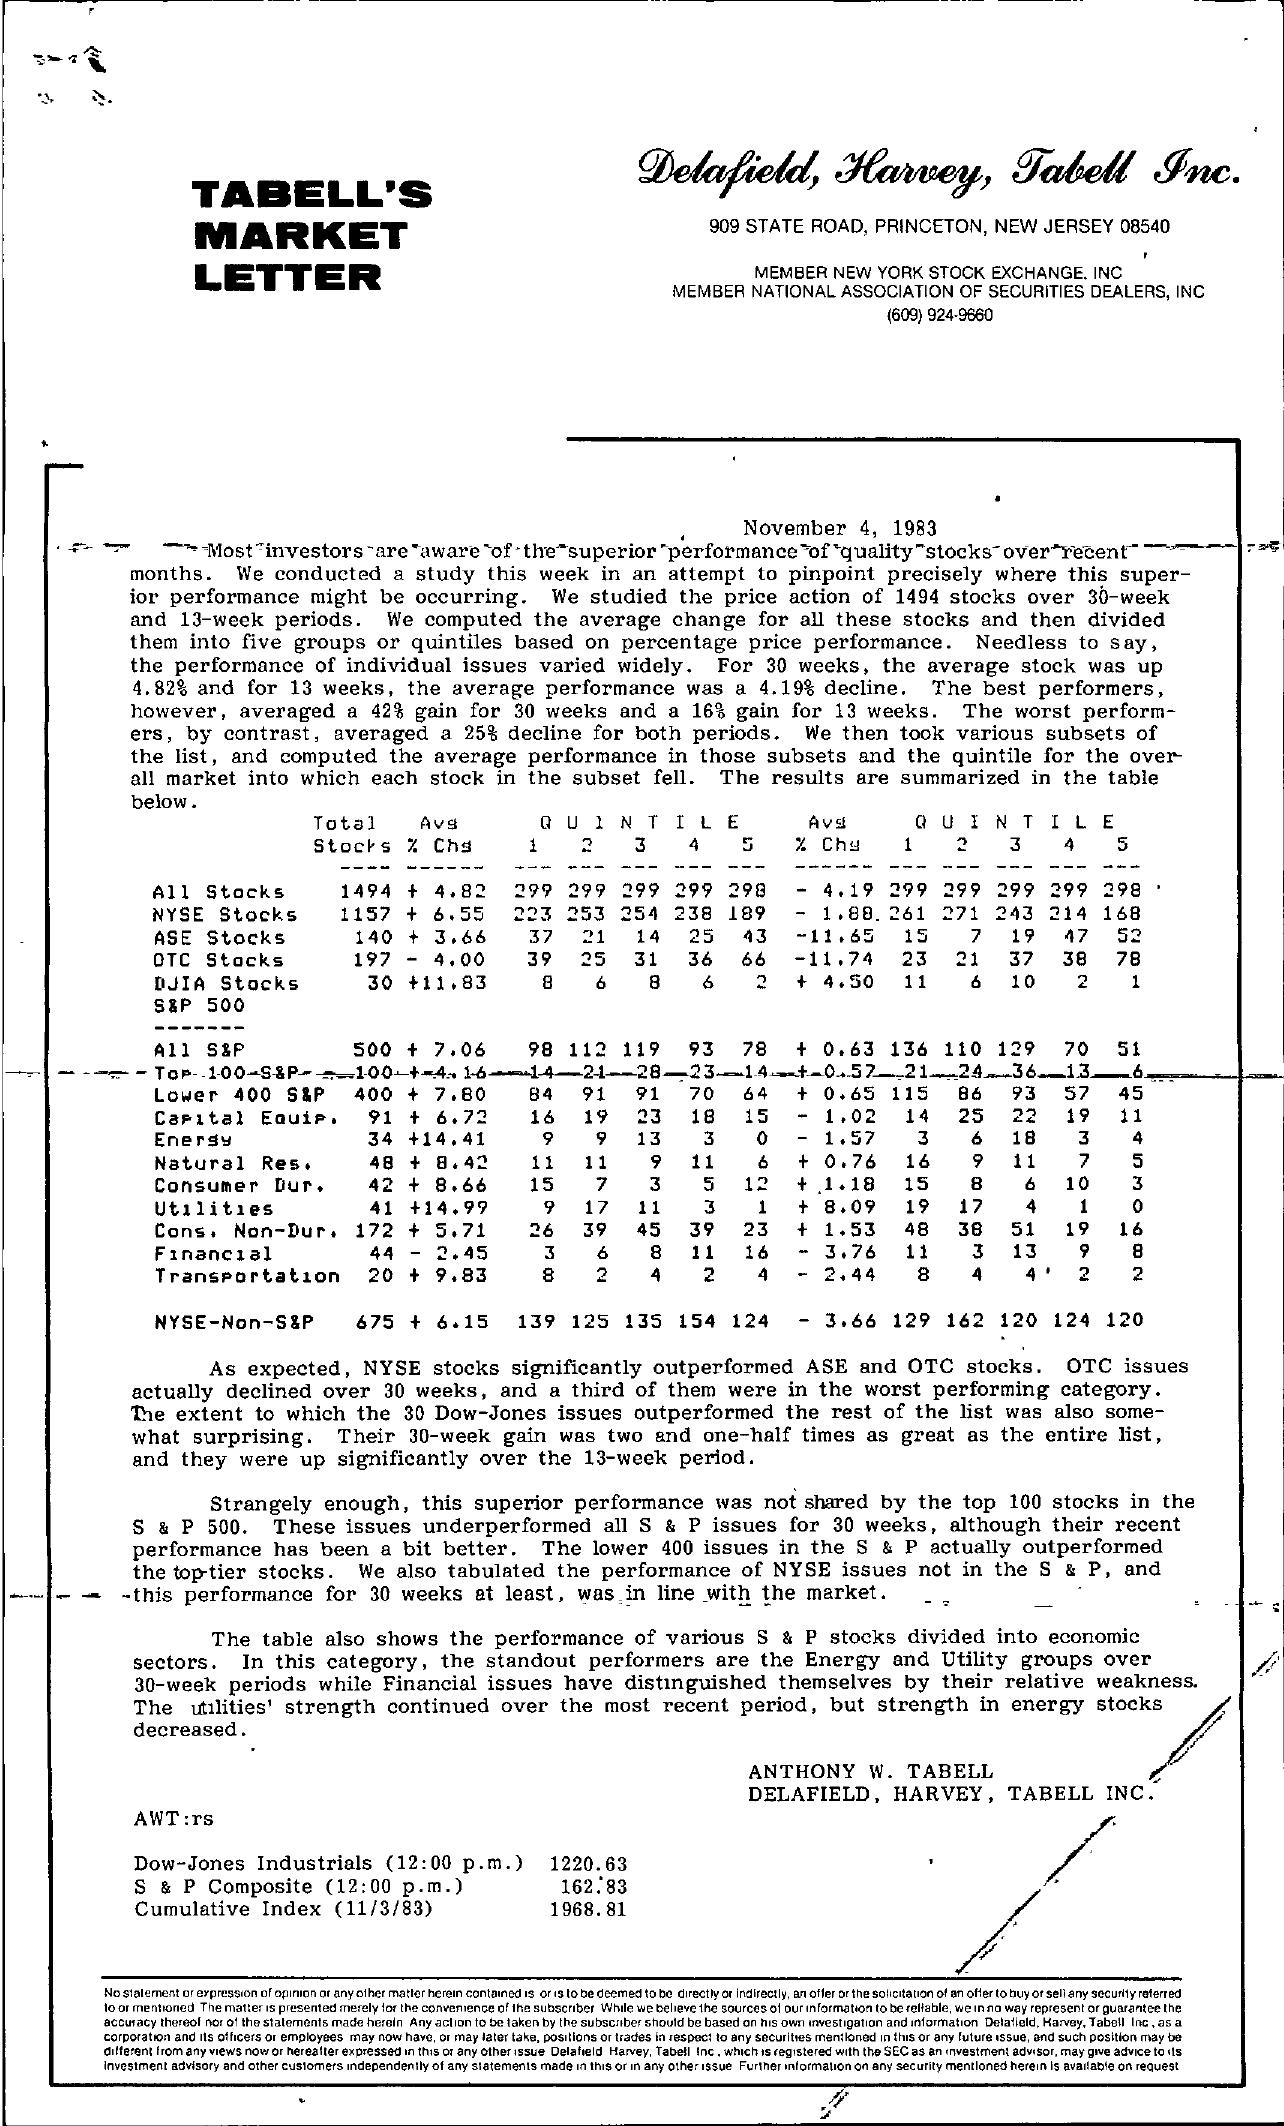 Tabell's Market Letter - November 04, 1983